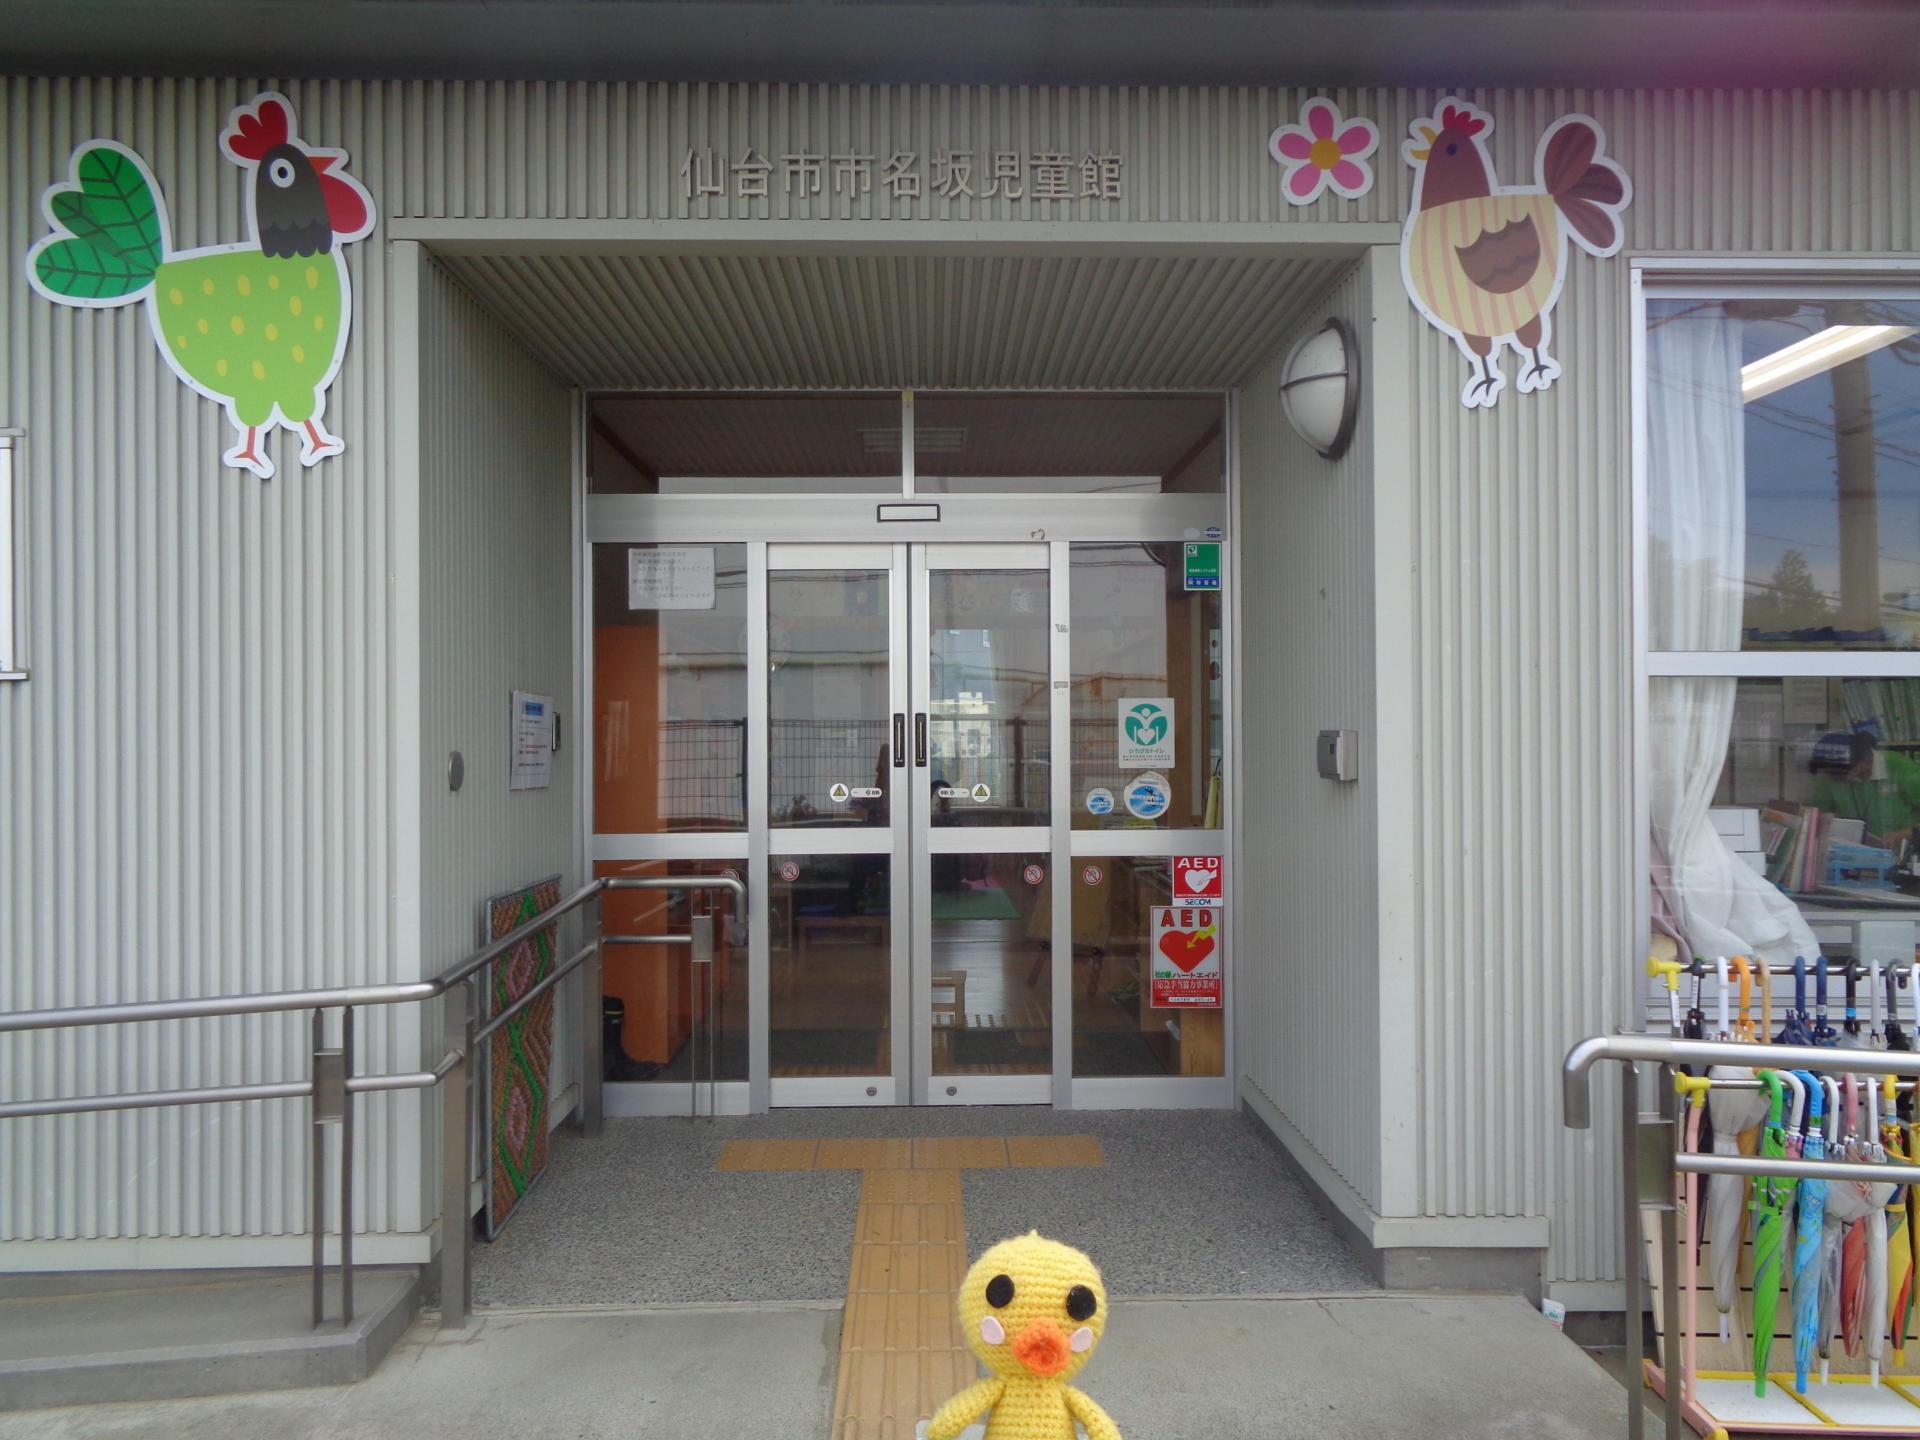 ichinazaka_p1920_140a